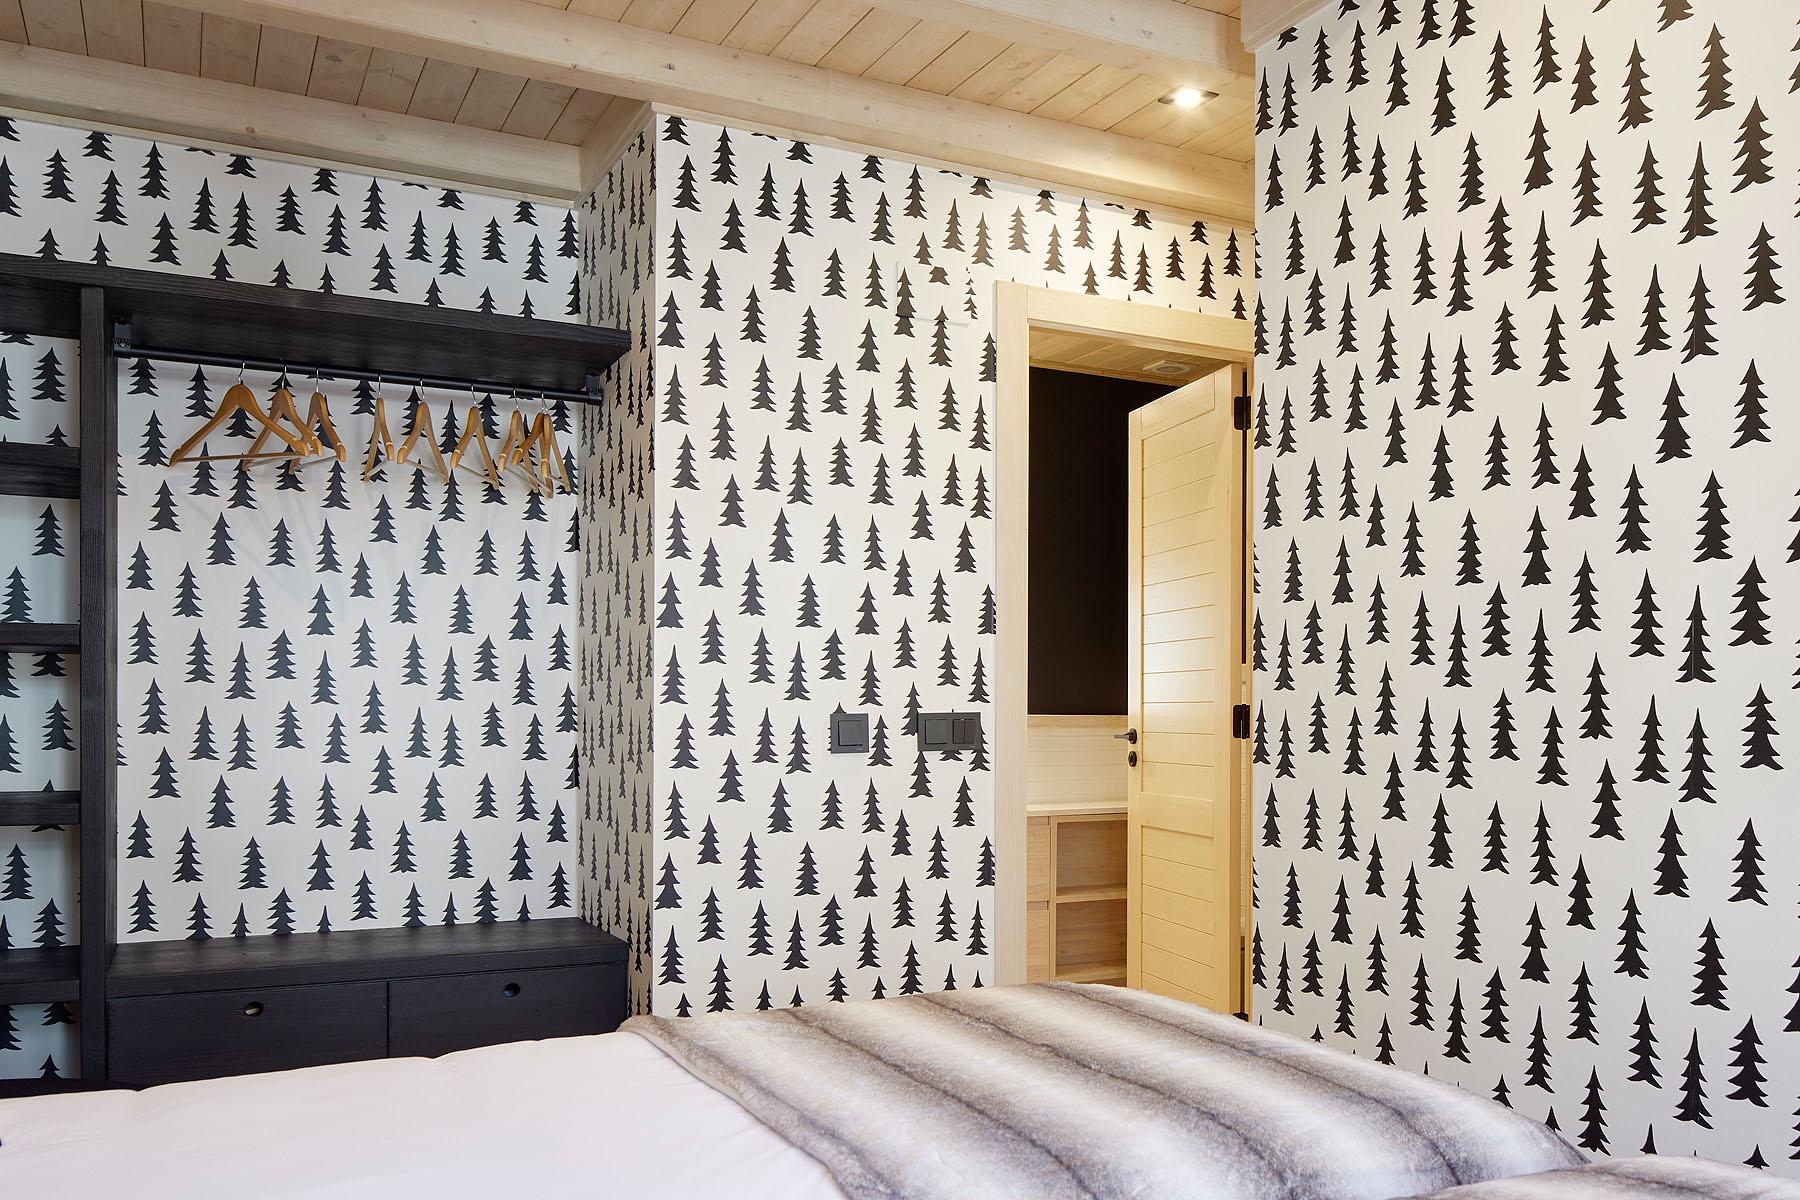 Apartamento Val de Ruda Luxe 62 by Feelfree Rentals - Iñaki Caperochipi - Fotografía